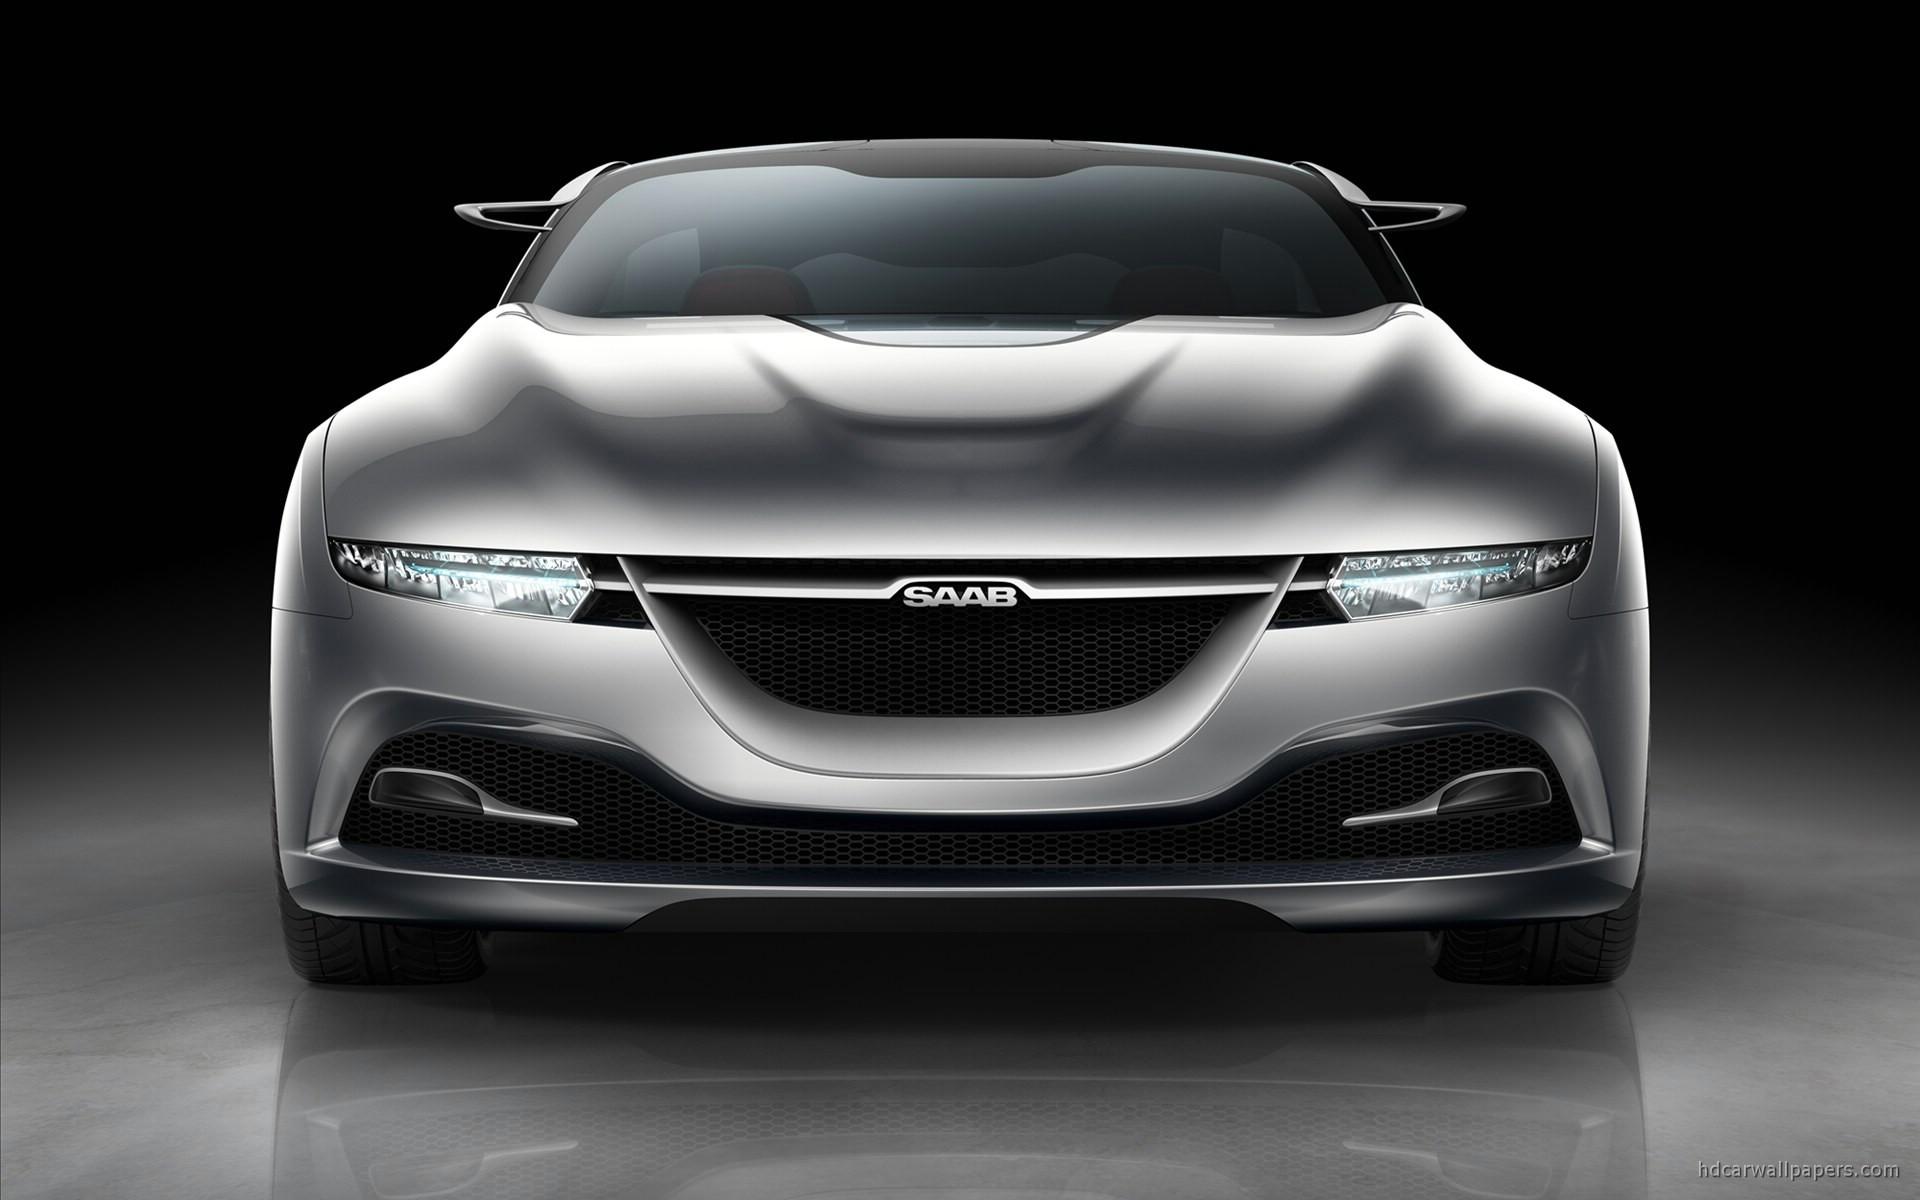 2011 Saab PhoeniX Concept Car